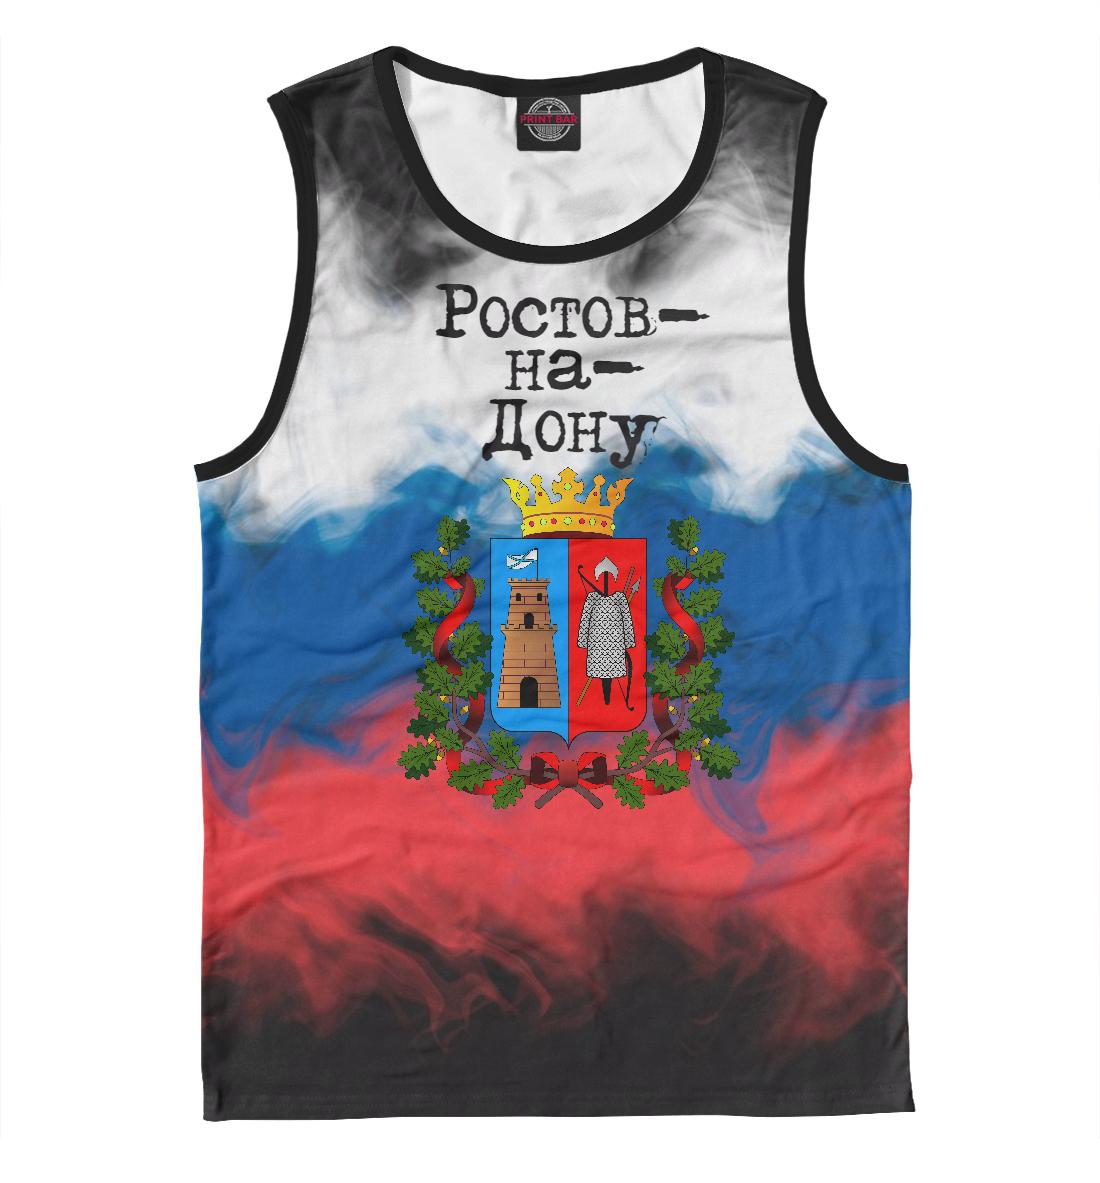 Купить Ростов-на-Дону, Printbar, Майки, VSY-605708-may-2